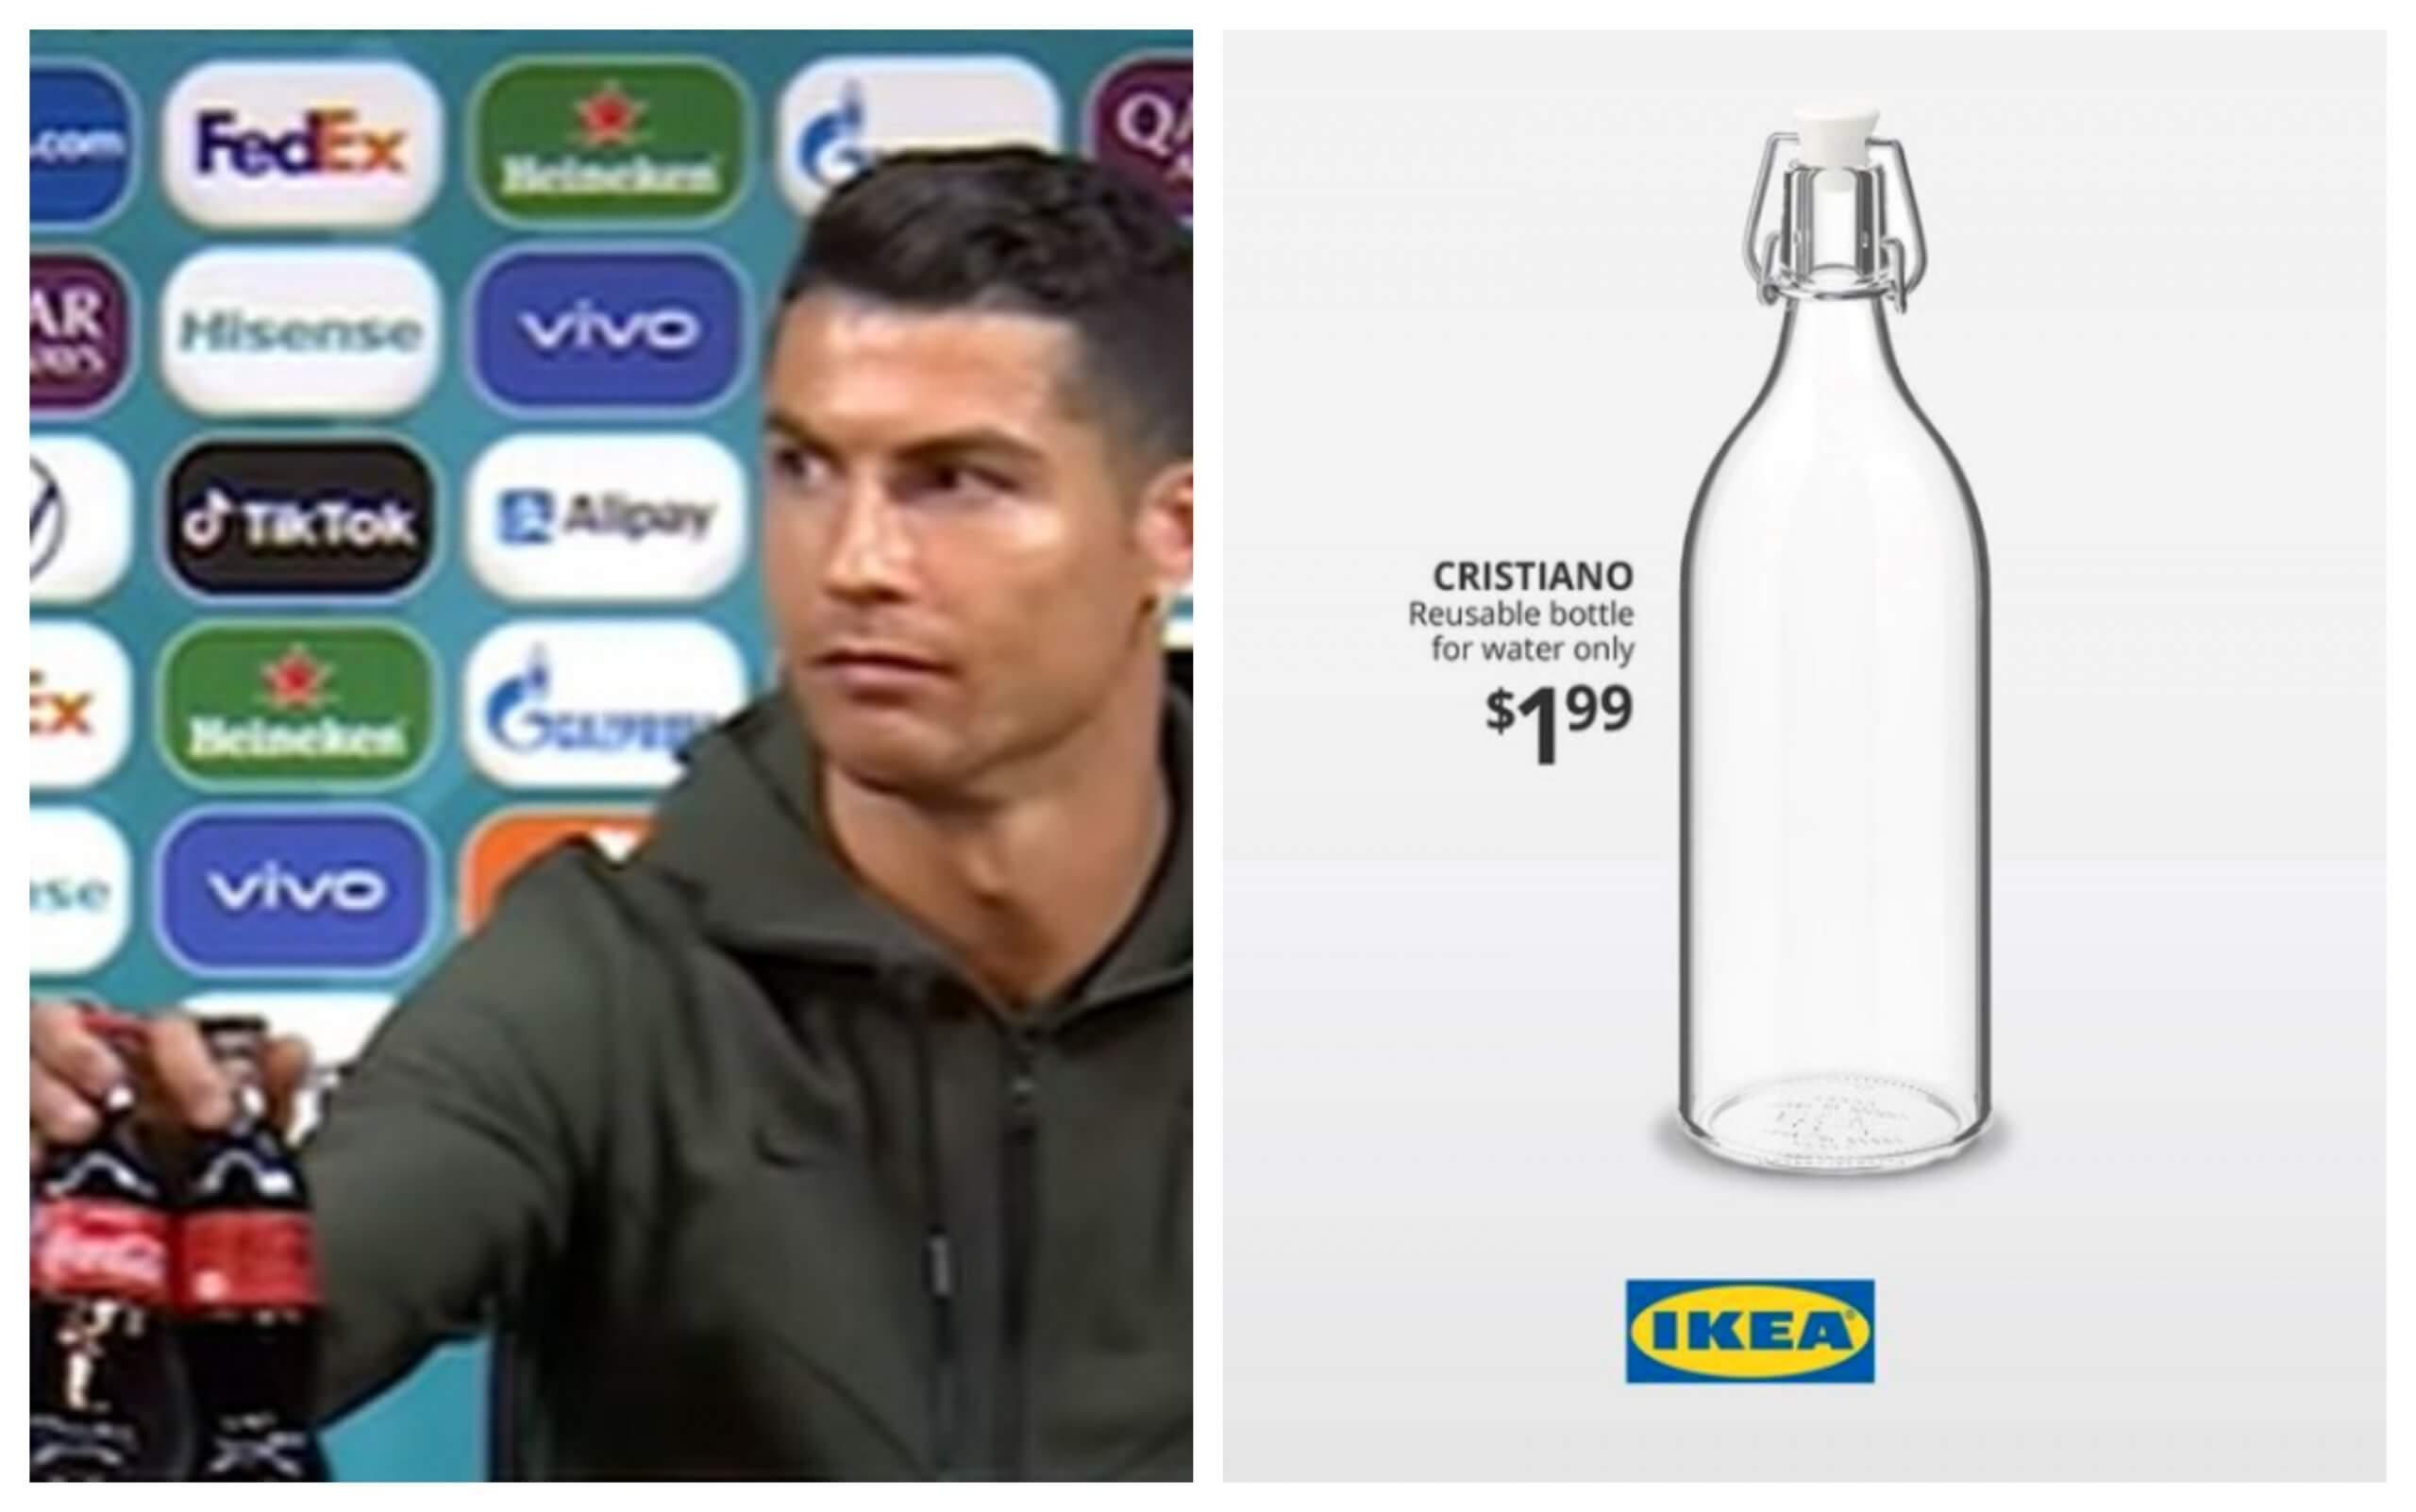 Boca za vodu nikada nije bila popularnija: Ronaldov potez s Coca-Colom utjecao i na IKEA-u